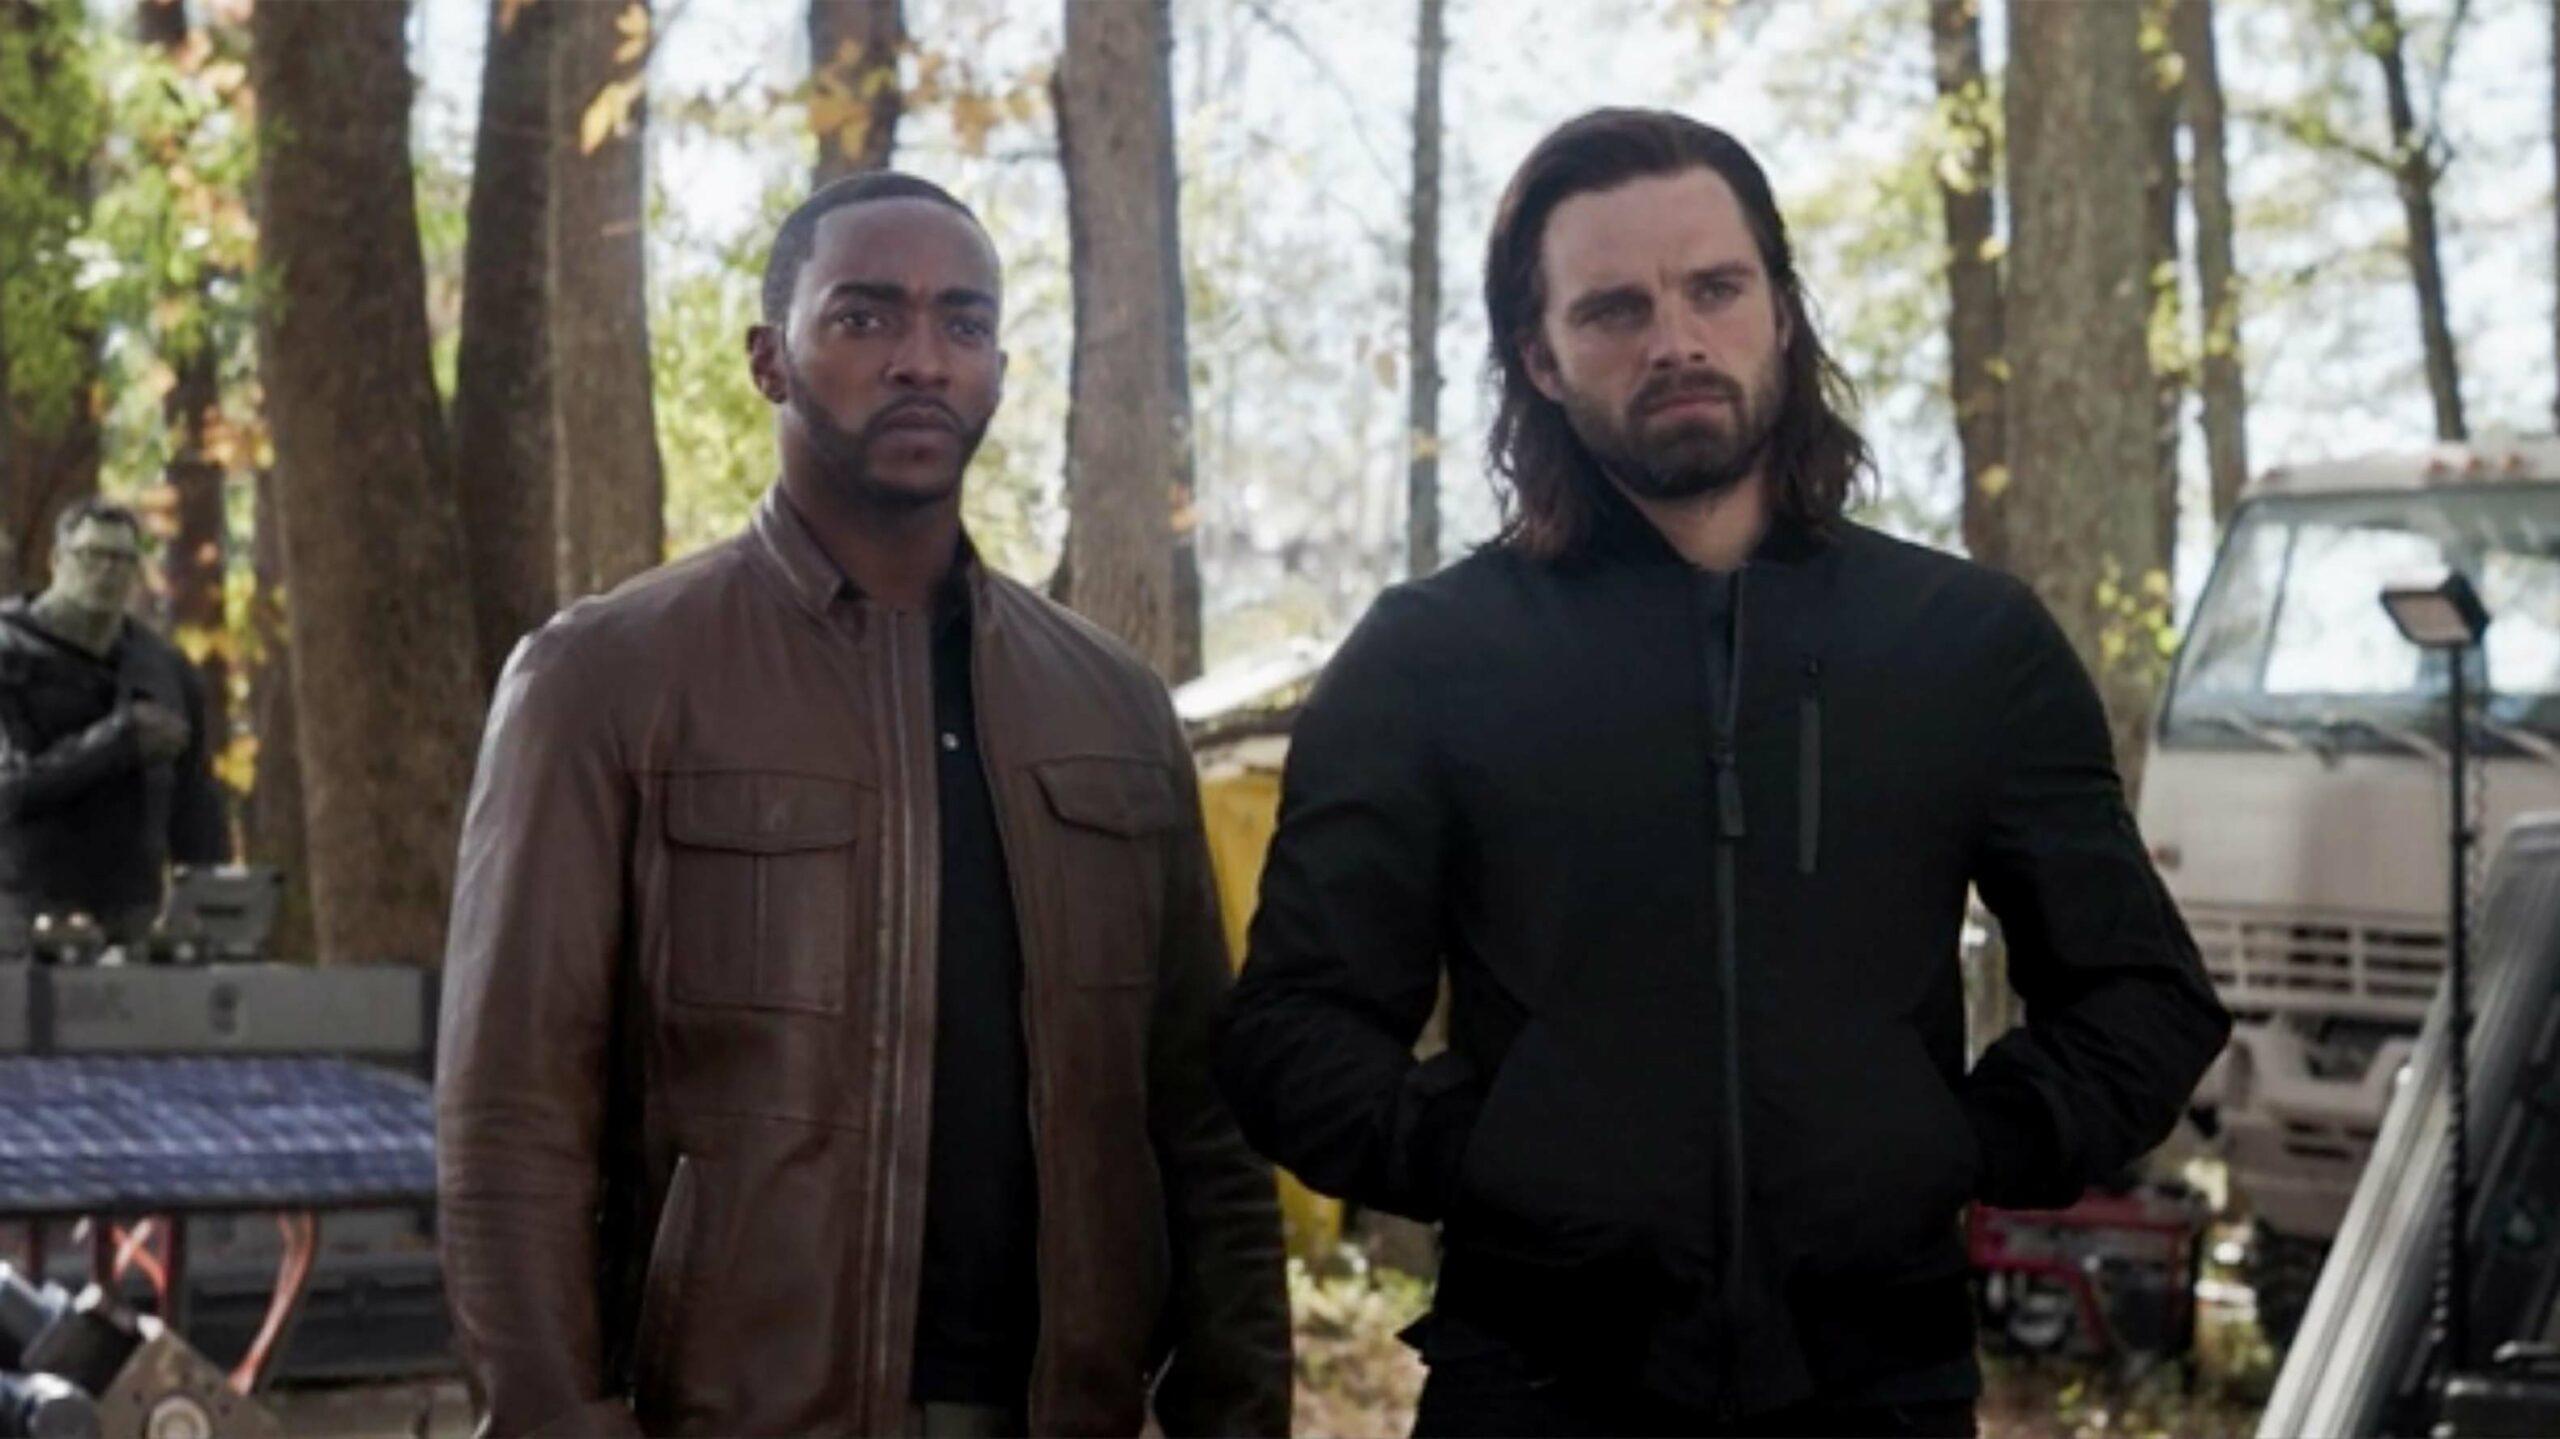 Sam Wilson and Bucky Barnes Avengers Endgame